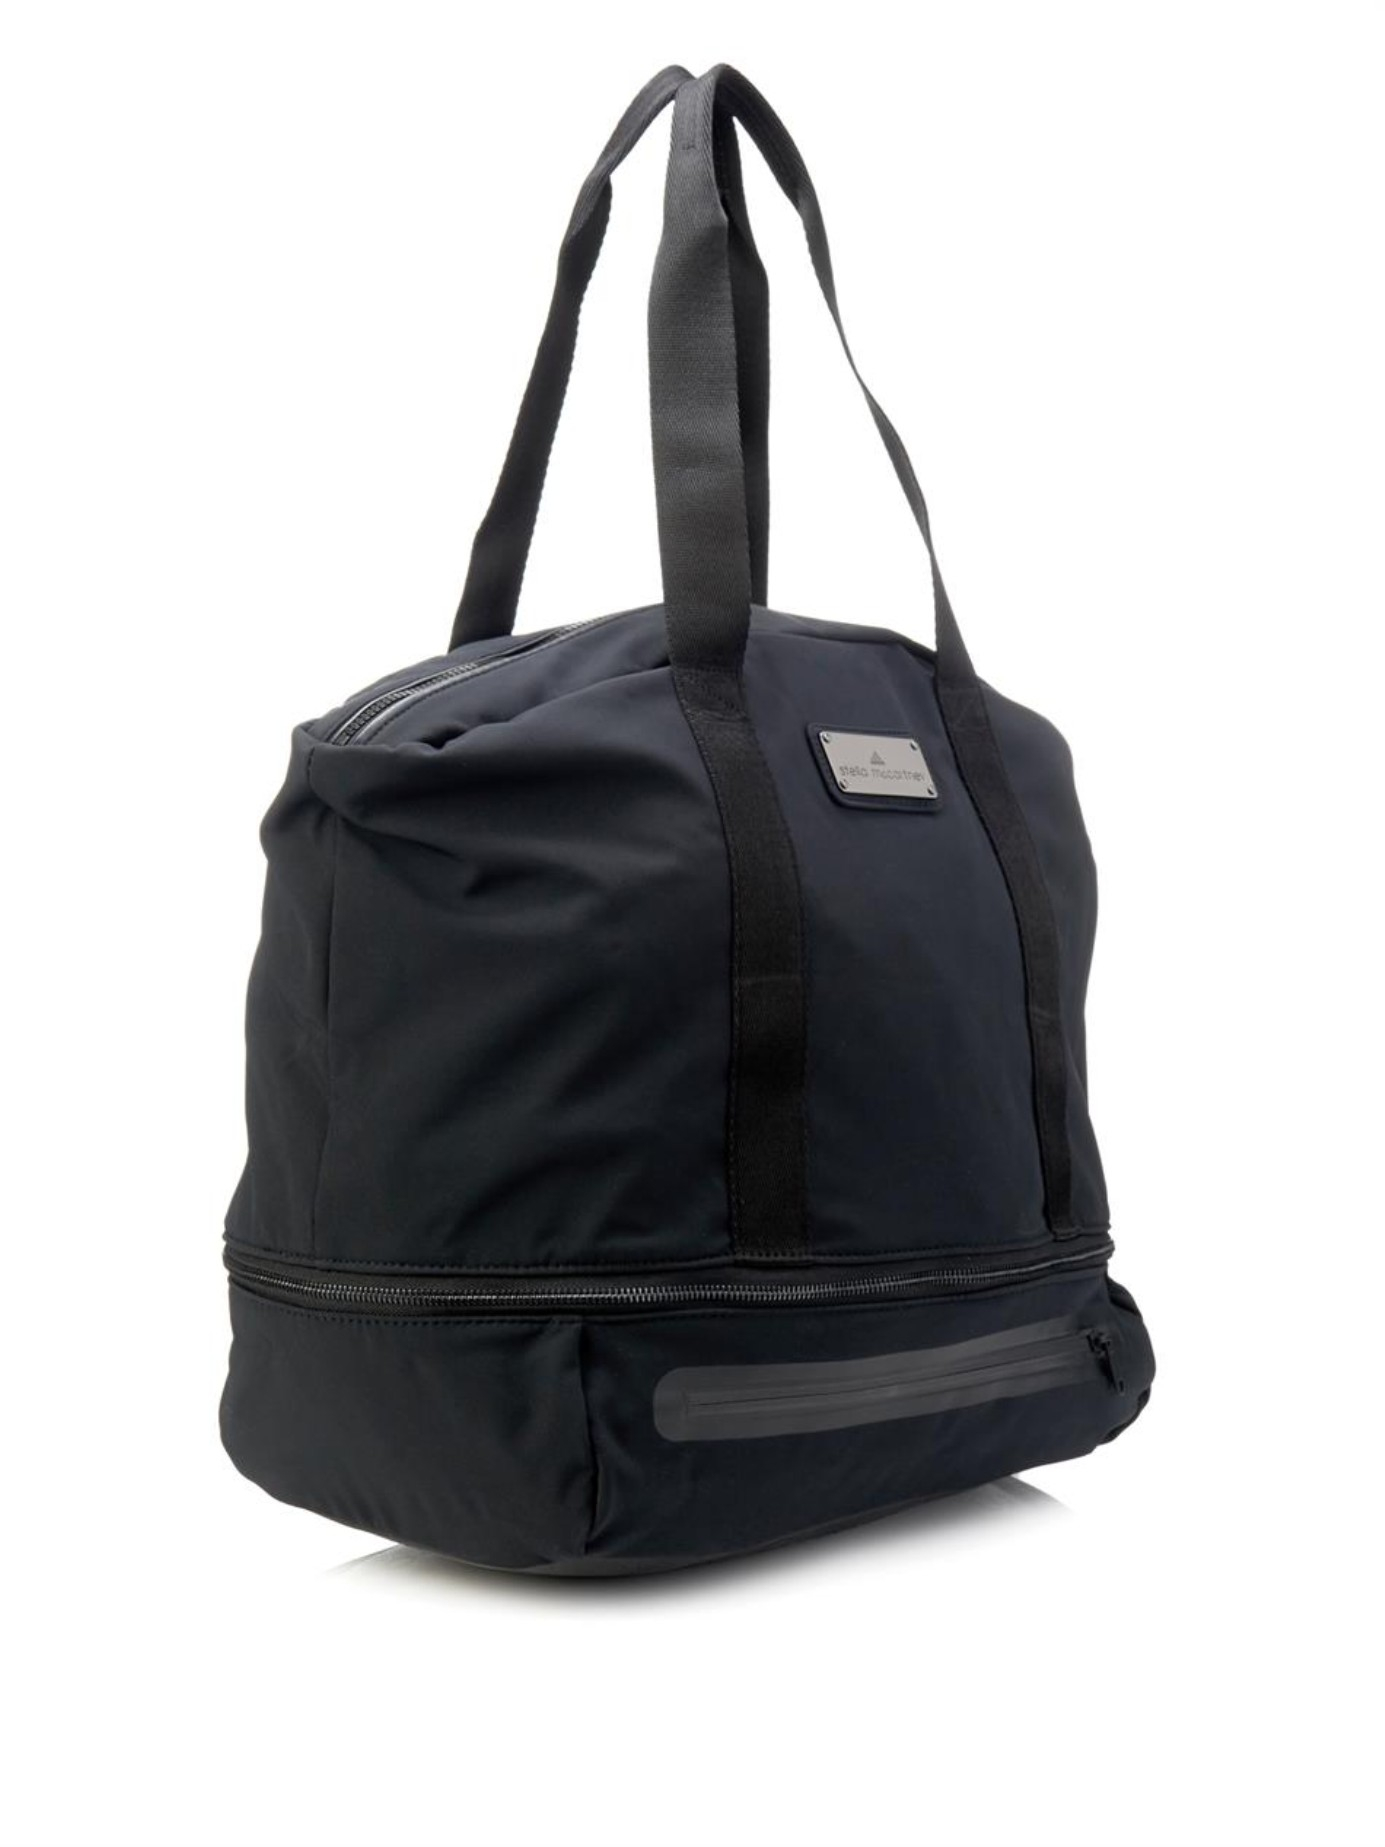 Lyst - adidas By Stella McCartney Iconic Big Bag in Black 908729f6762b8